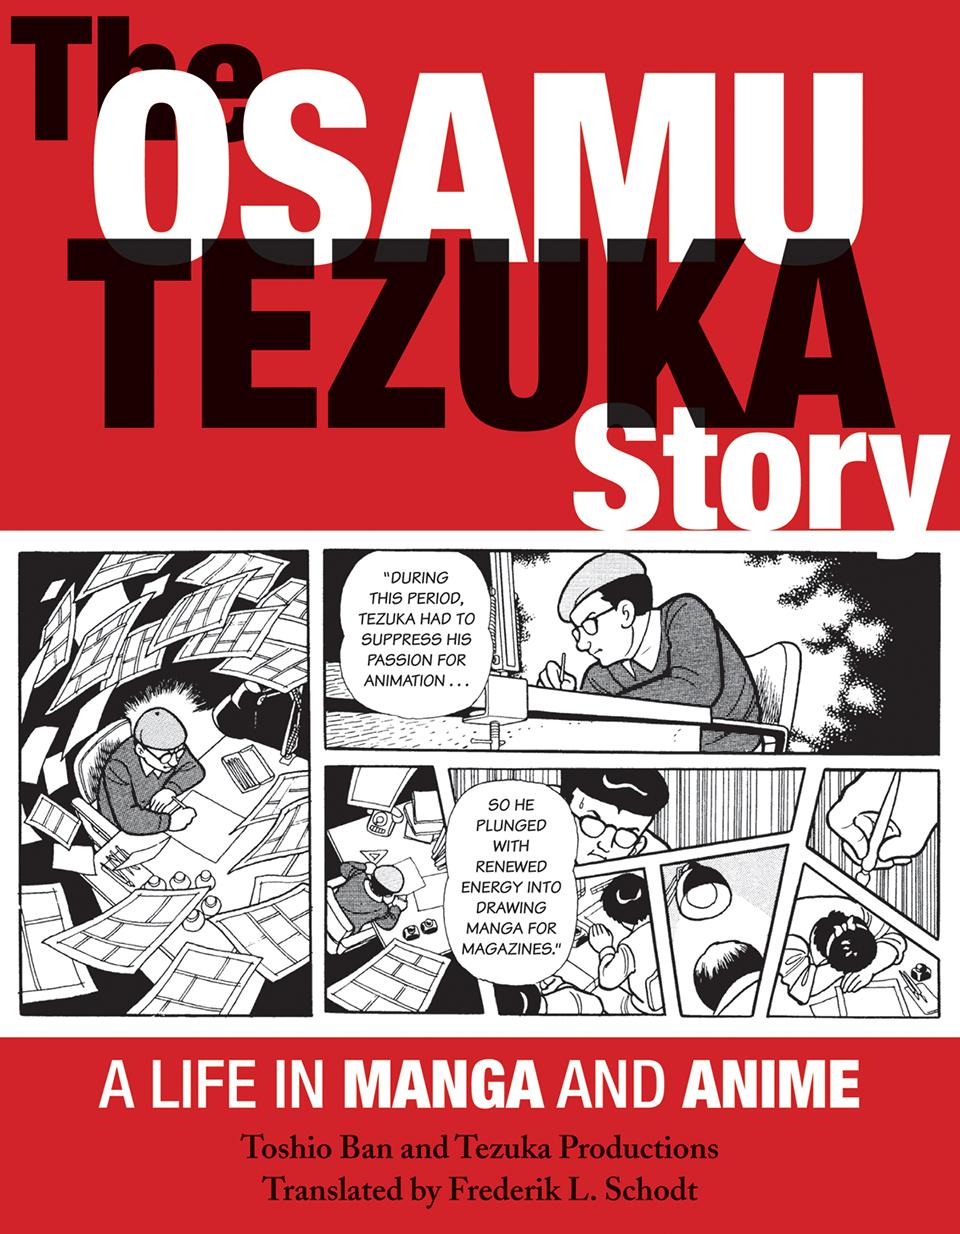 The Osamu Tezuka Story Graphic-format Biography